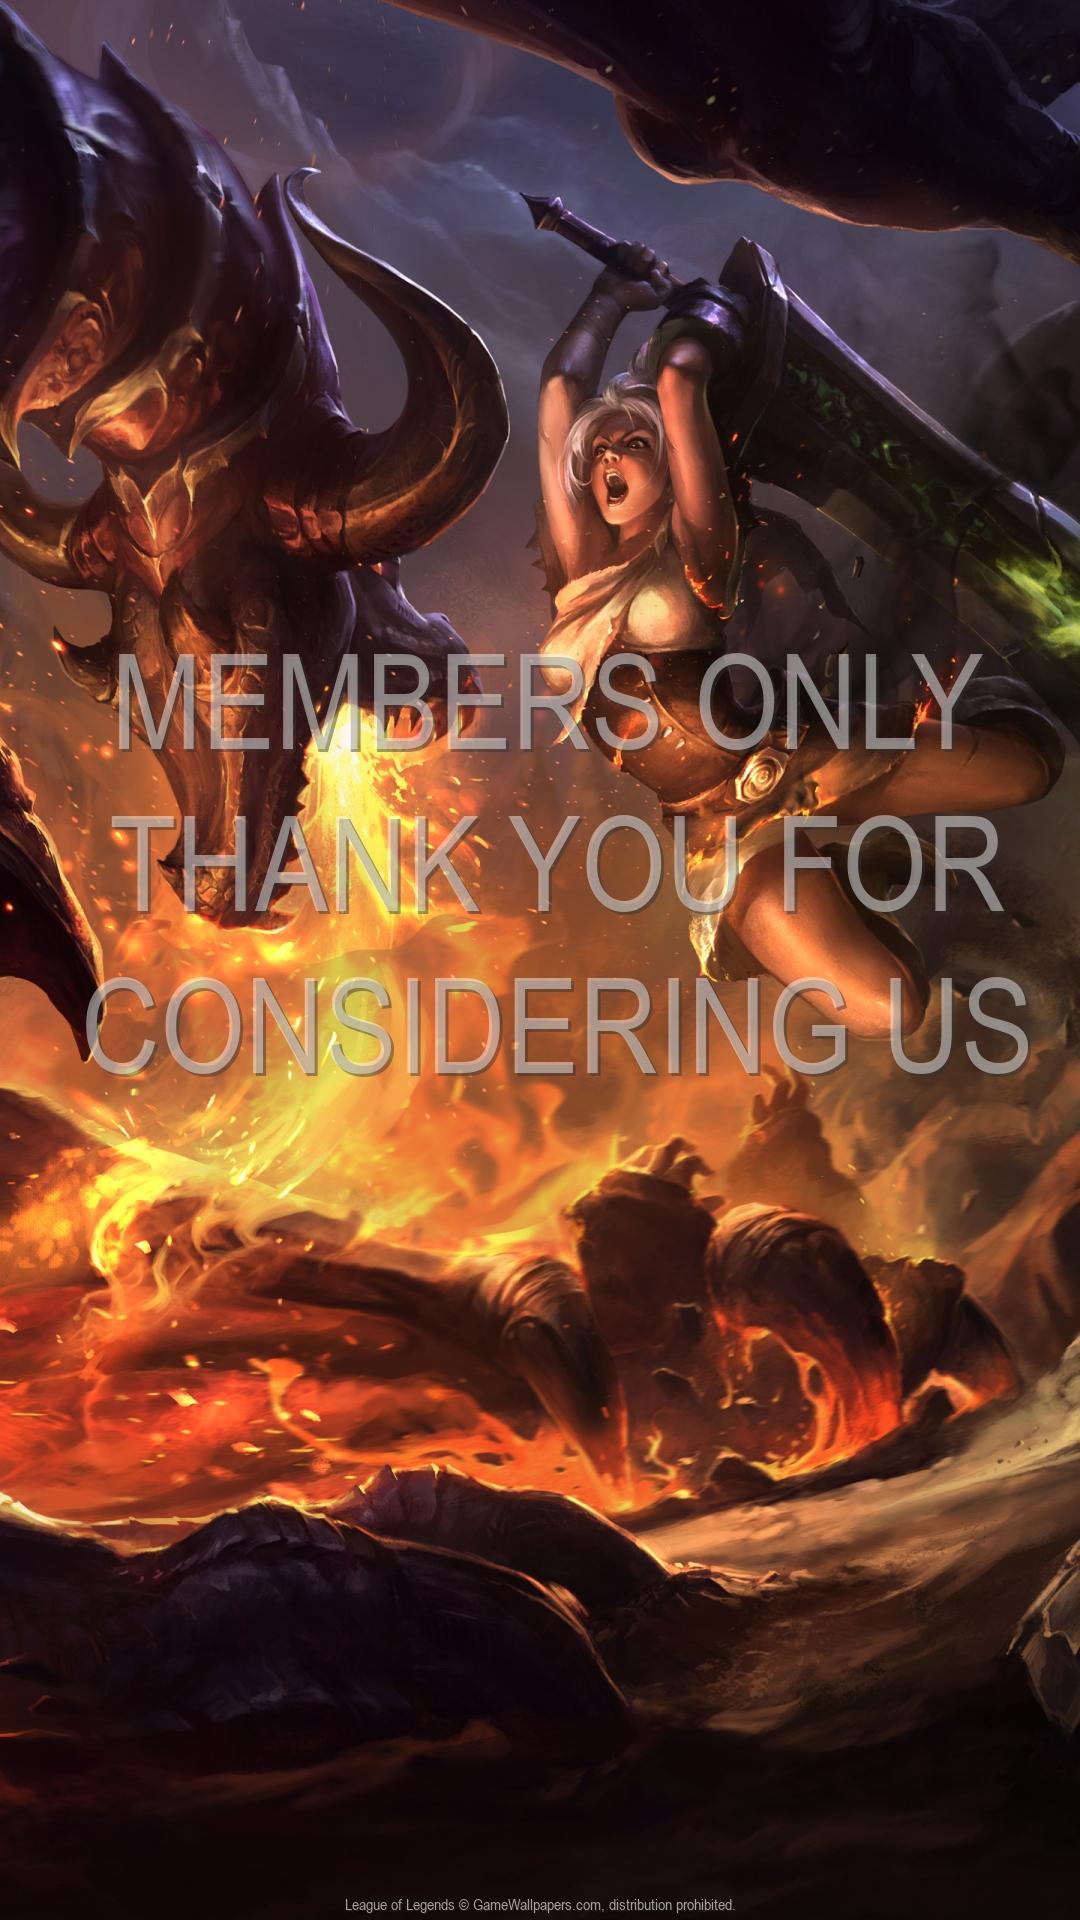 League of Legends 1920x1080 Handy Hintergrundbild 58